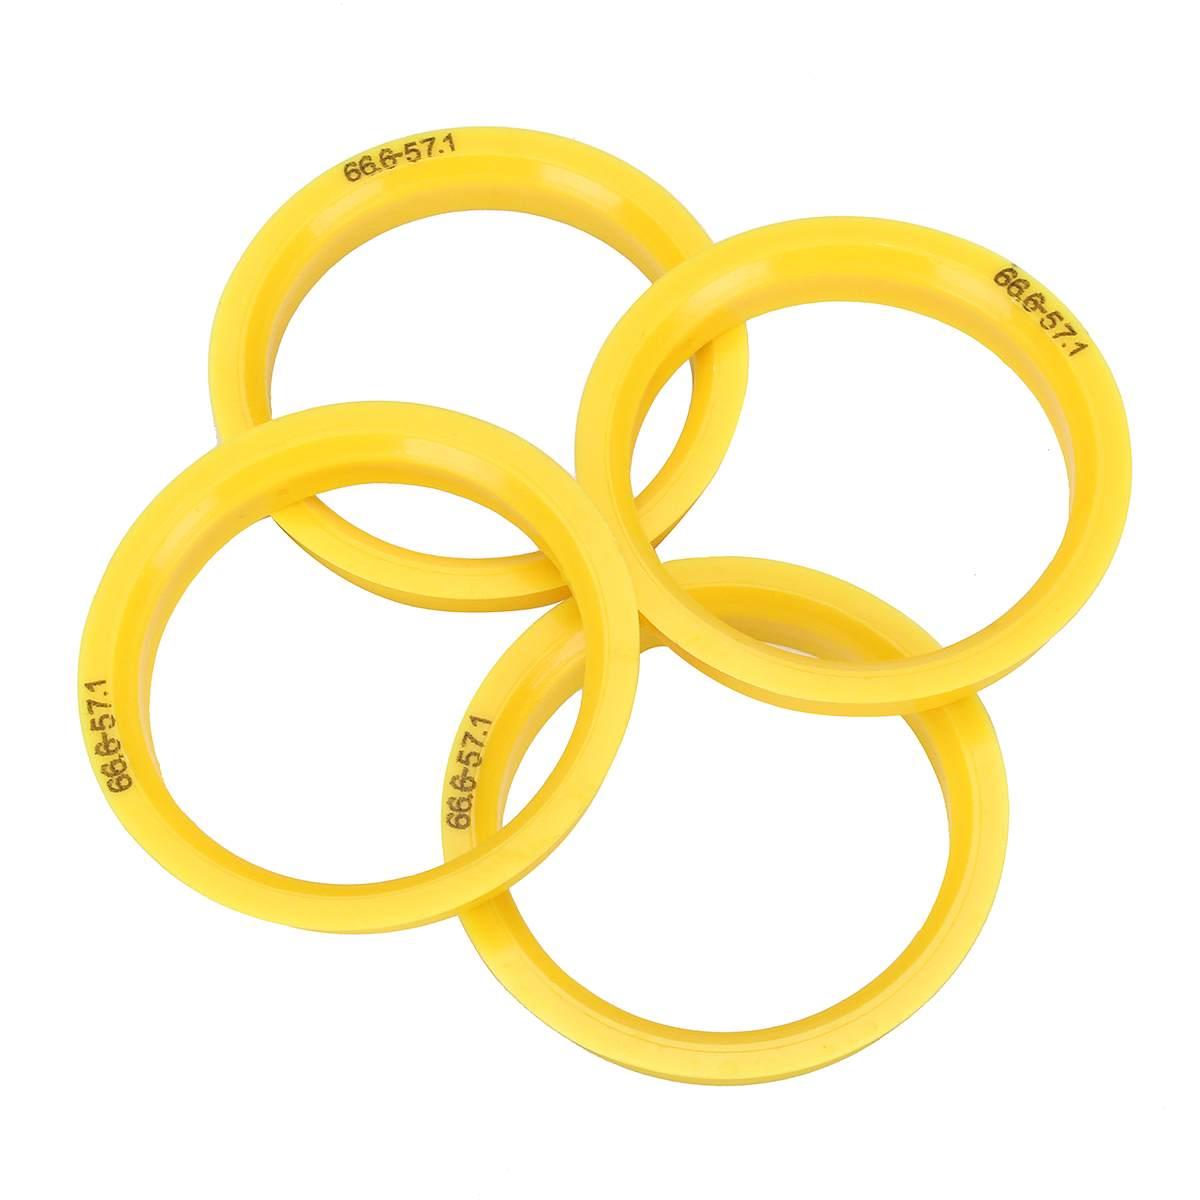 4 шт. пластиковое колесо центриковое кольцо 66,6 мм-57,1 мм разделители ступицы для VW для Audi для Skoda для Seat желтая Ступица колеса